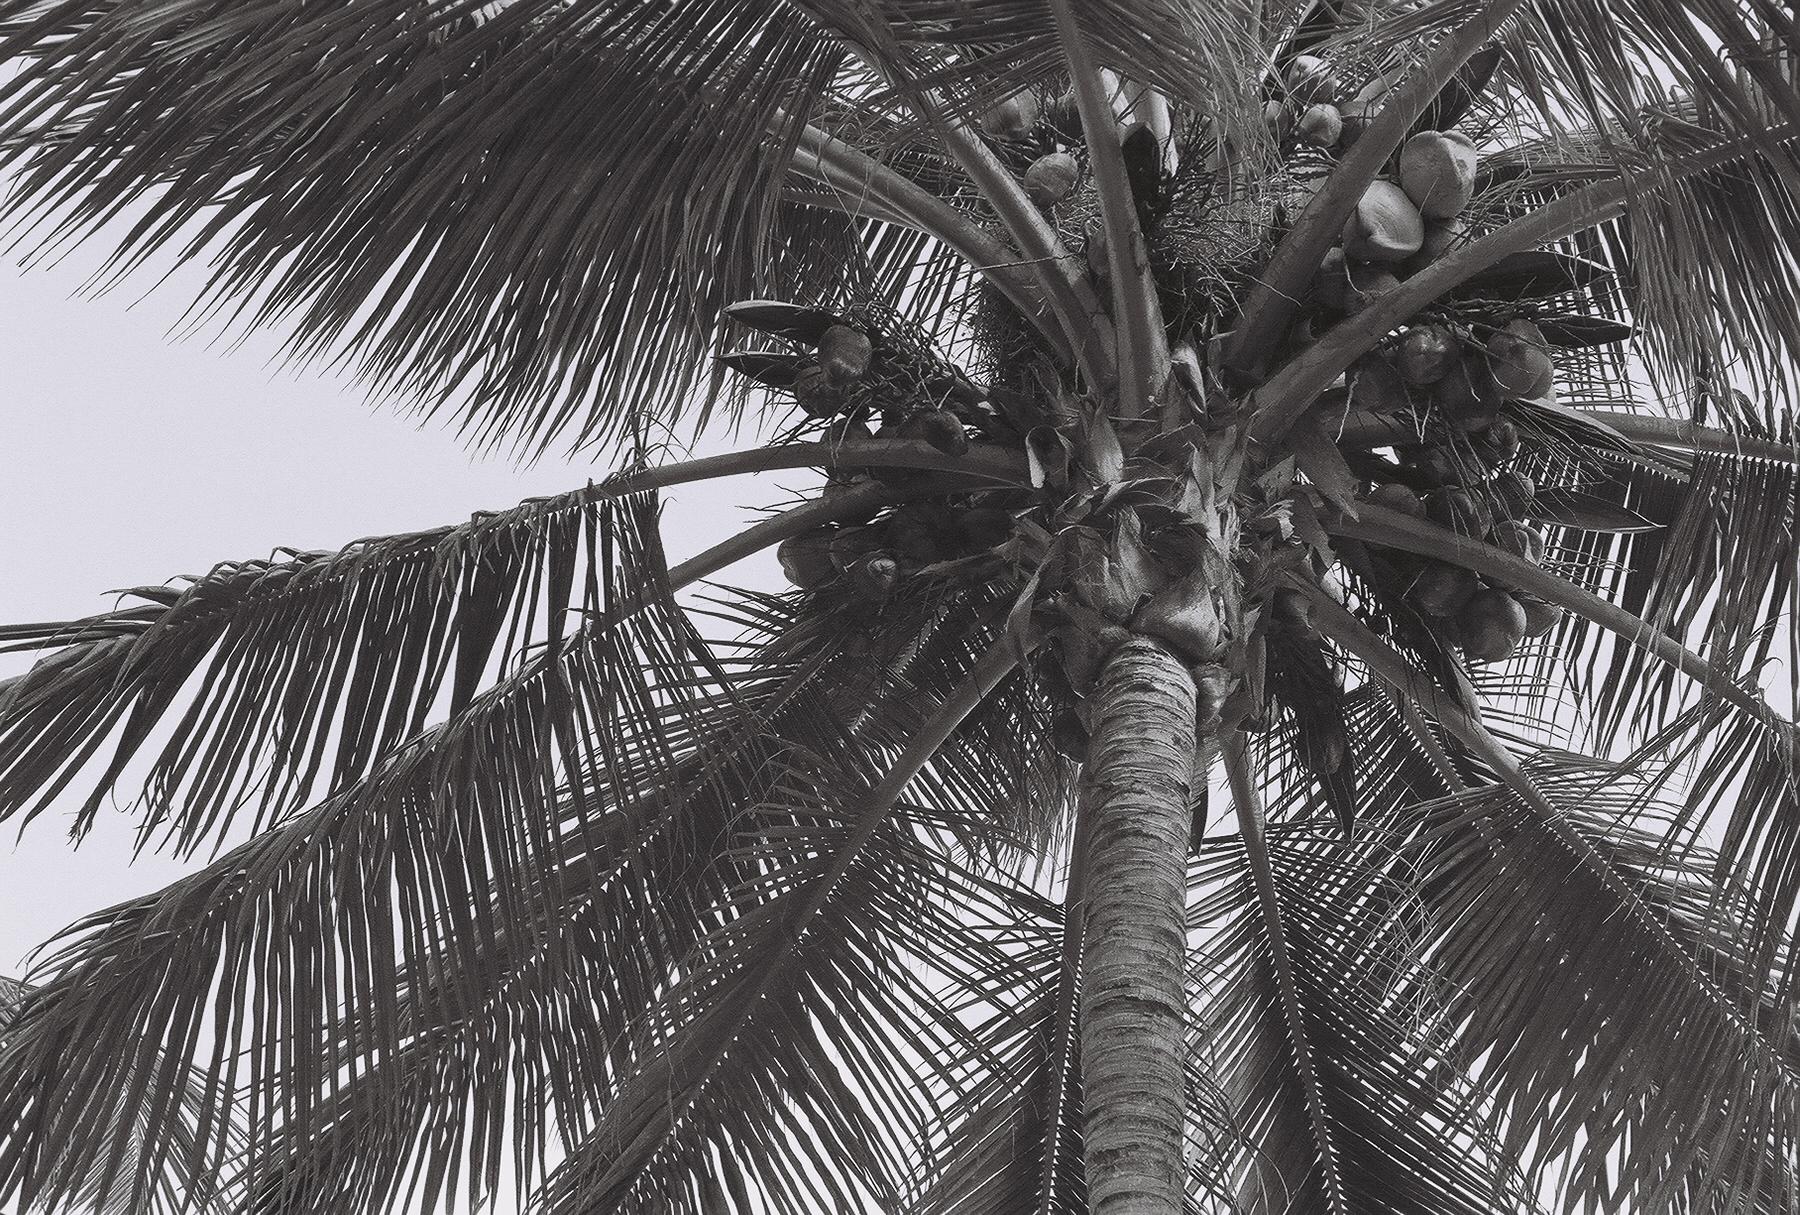 palm-dominican-republic-2